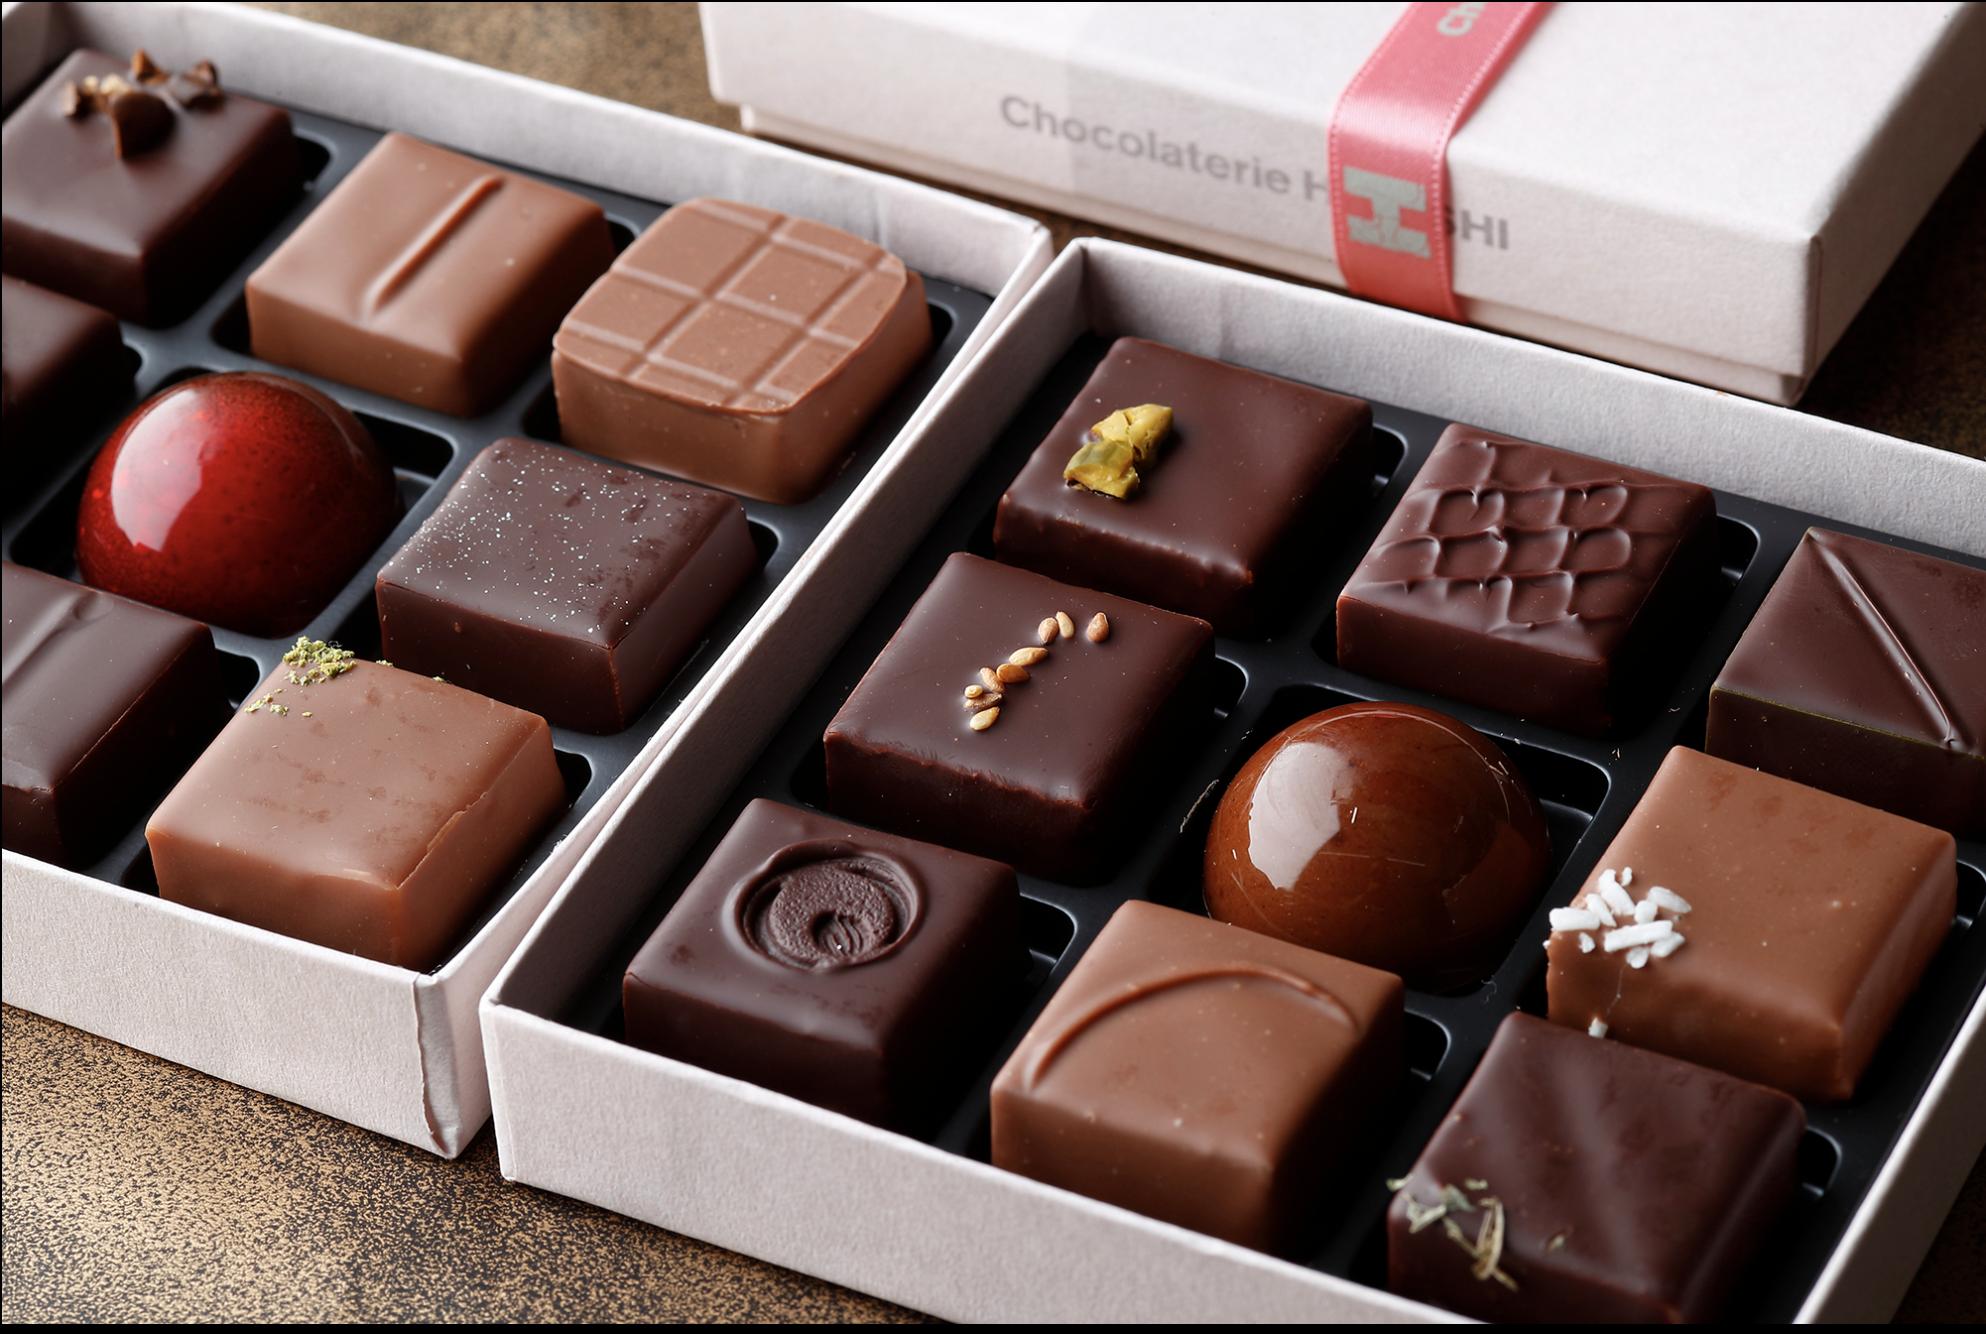 日本一のチョコレートの祭典「アムール デュ ショコラ」、2月14日まで開催!購入したおすすめ商品もご紹介 - 307dcbca92310b01436bc05acf3e75b4